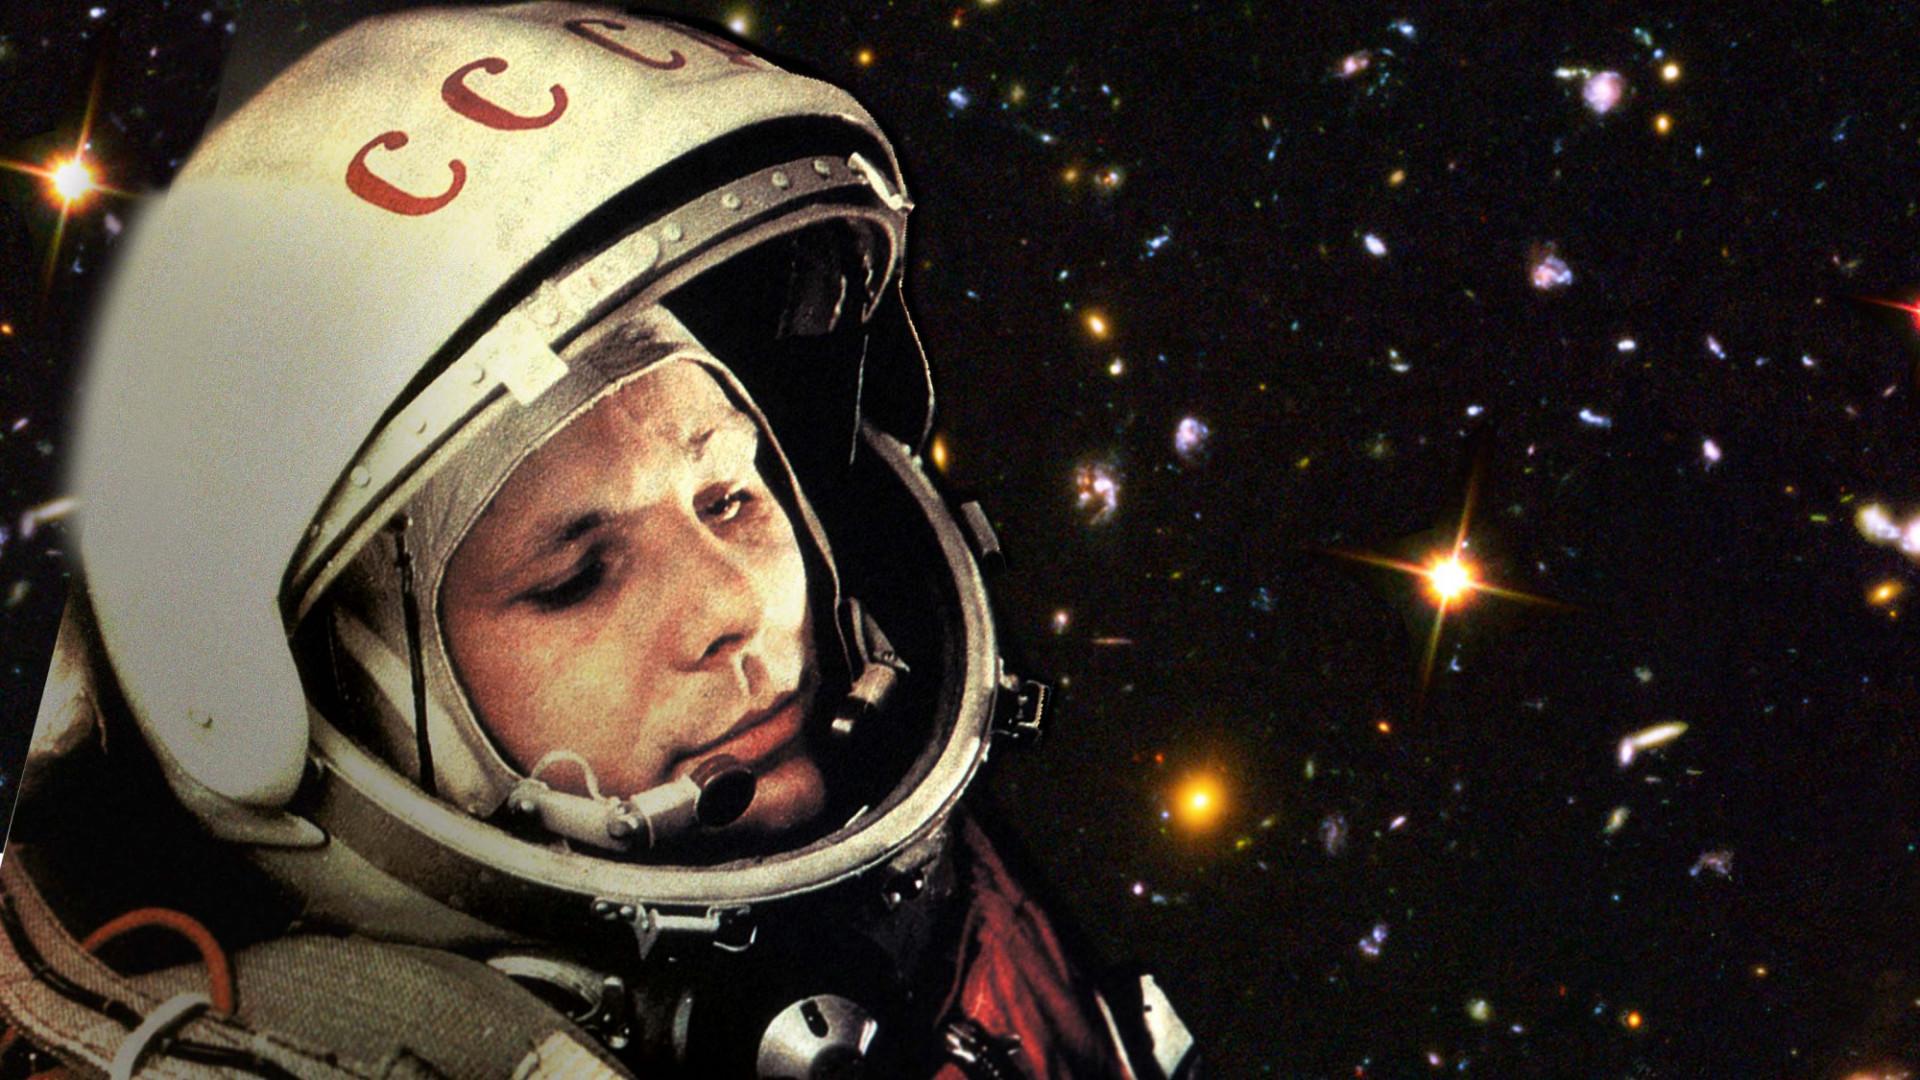 12 апреля празднуем День космонавтики или Международный день полета человека в космос — фото 1